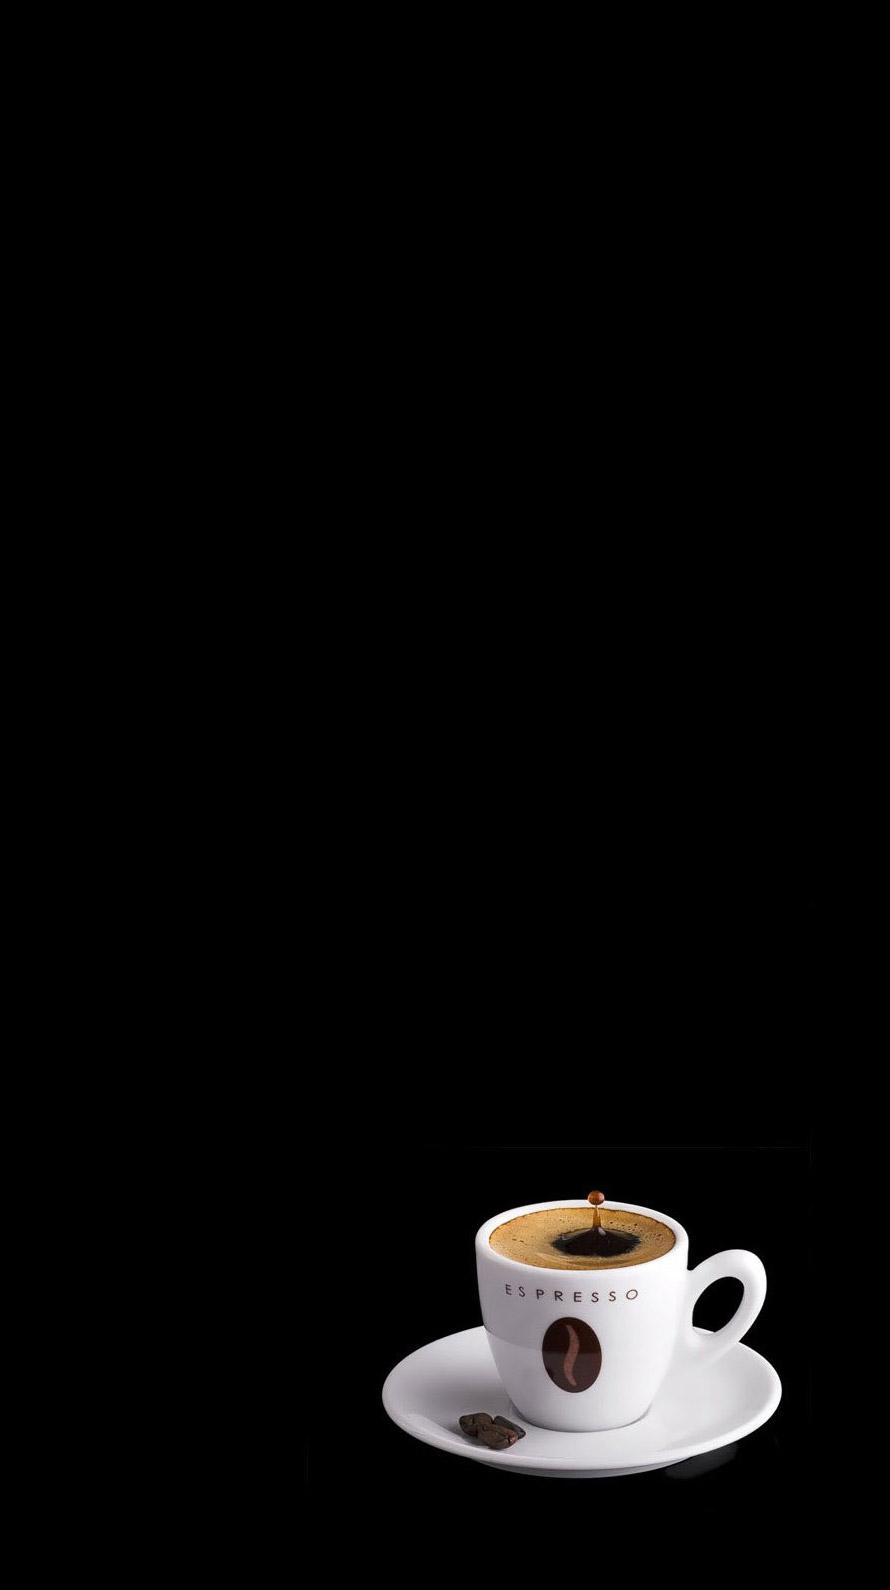 コーヒー エスプレッソ Iphone6壁紙 Wallpaperbox